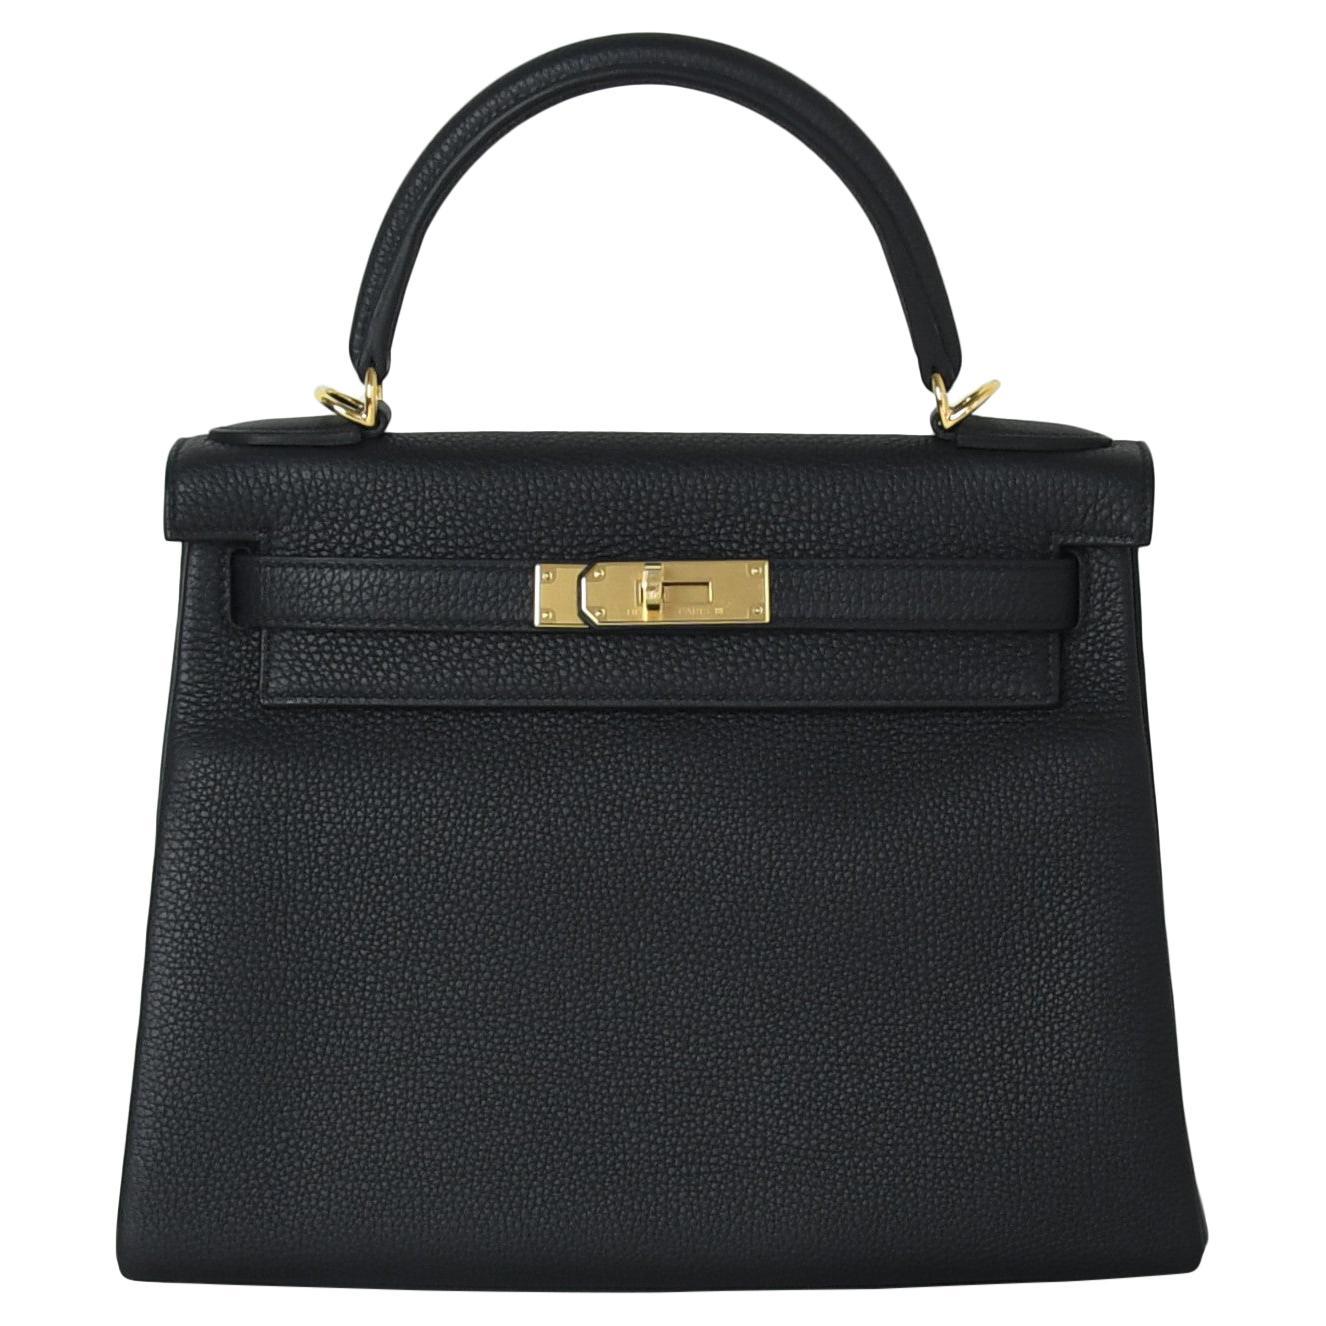 Hermes Kelly 28 Togo Bag Gold Hardware Black